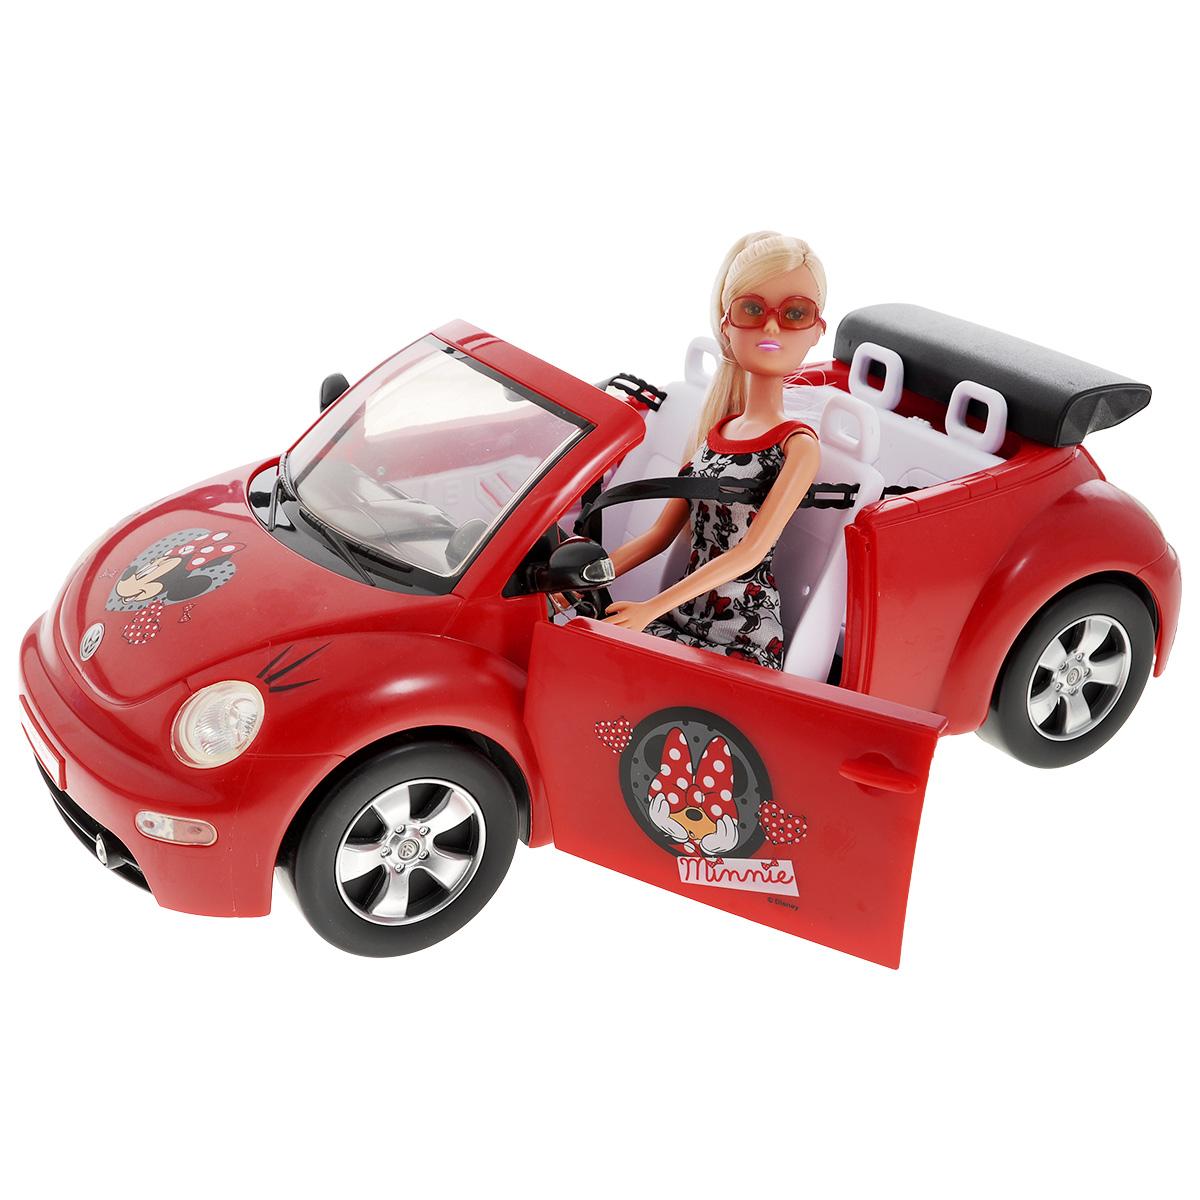 Simba Кукла Штеффи в кабриолете5745896Кукла Штеффи Minnie Mouse в красном кабриолете непременно порадует вашу малышку. Яркая машинка и качественные аксессуары в наборе сделают игру по-настоящему увлекательной. На всех предметах и одежде нарисована симпатичная героиня диснеевских мультфильмов - мышка Минни Маус. Такая реалистичная кукла с настоящей машинкой обязательно понравится каждой девочке. Размер куклы: 29 см Размер автомобиля: 40 см